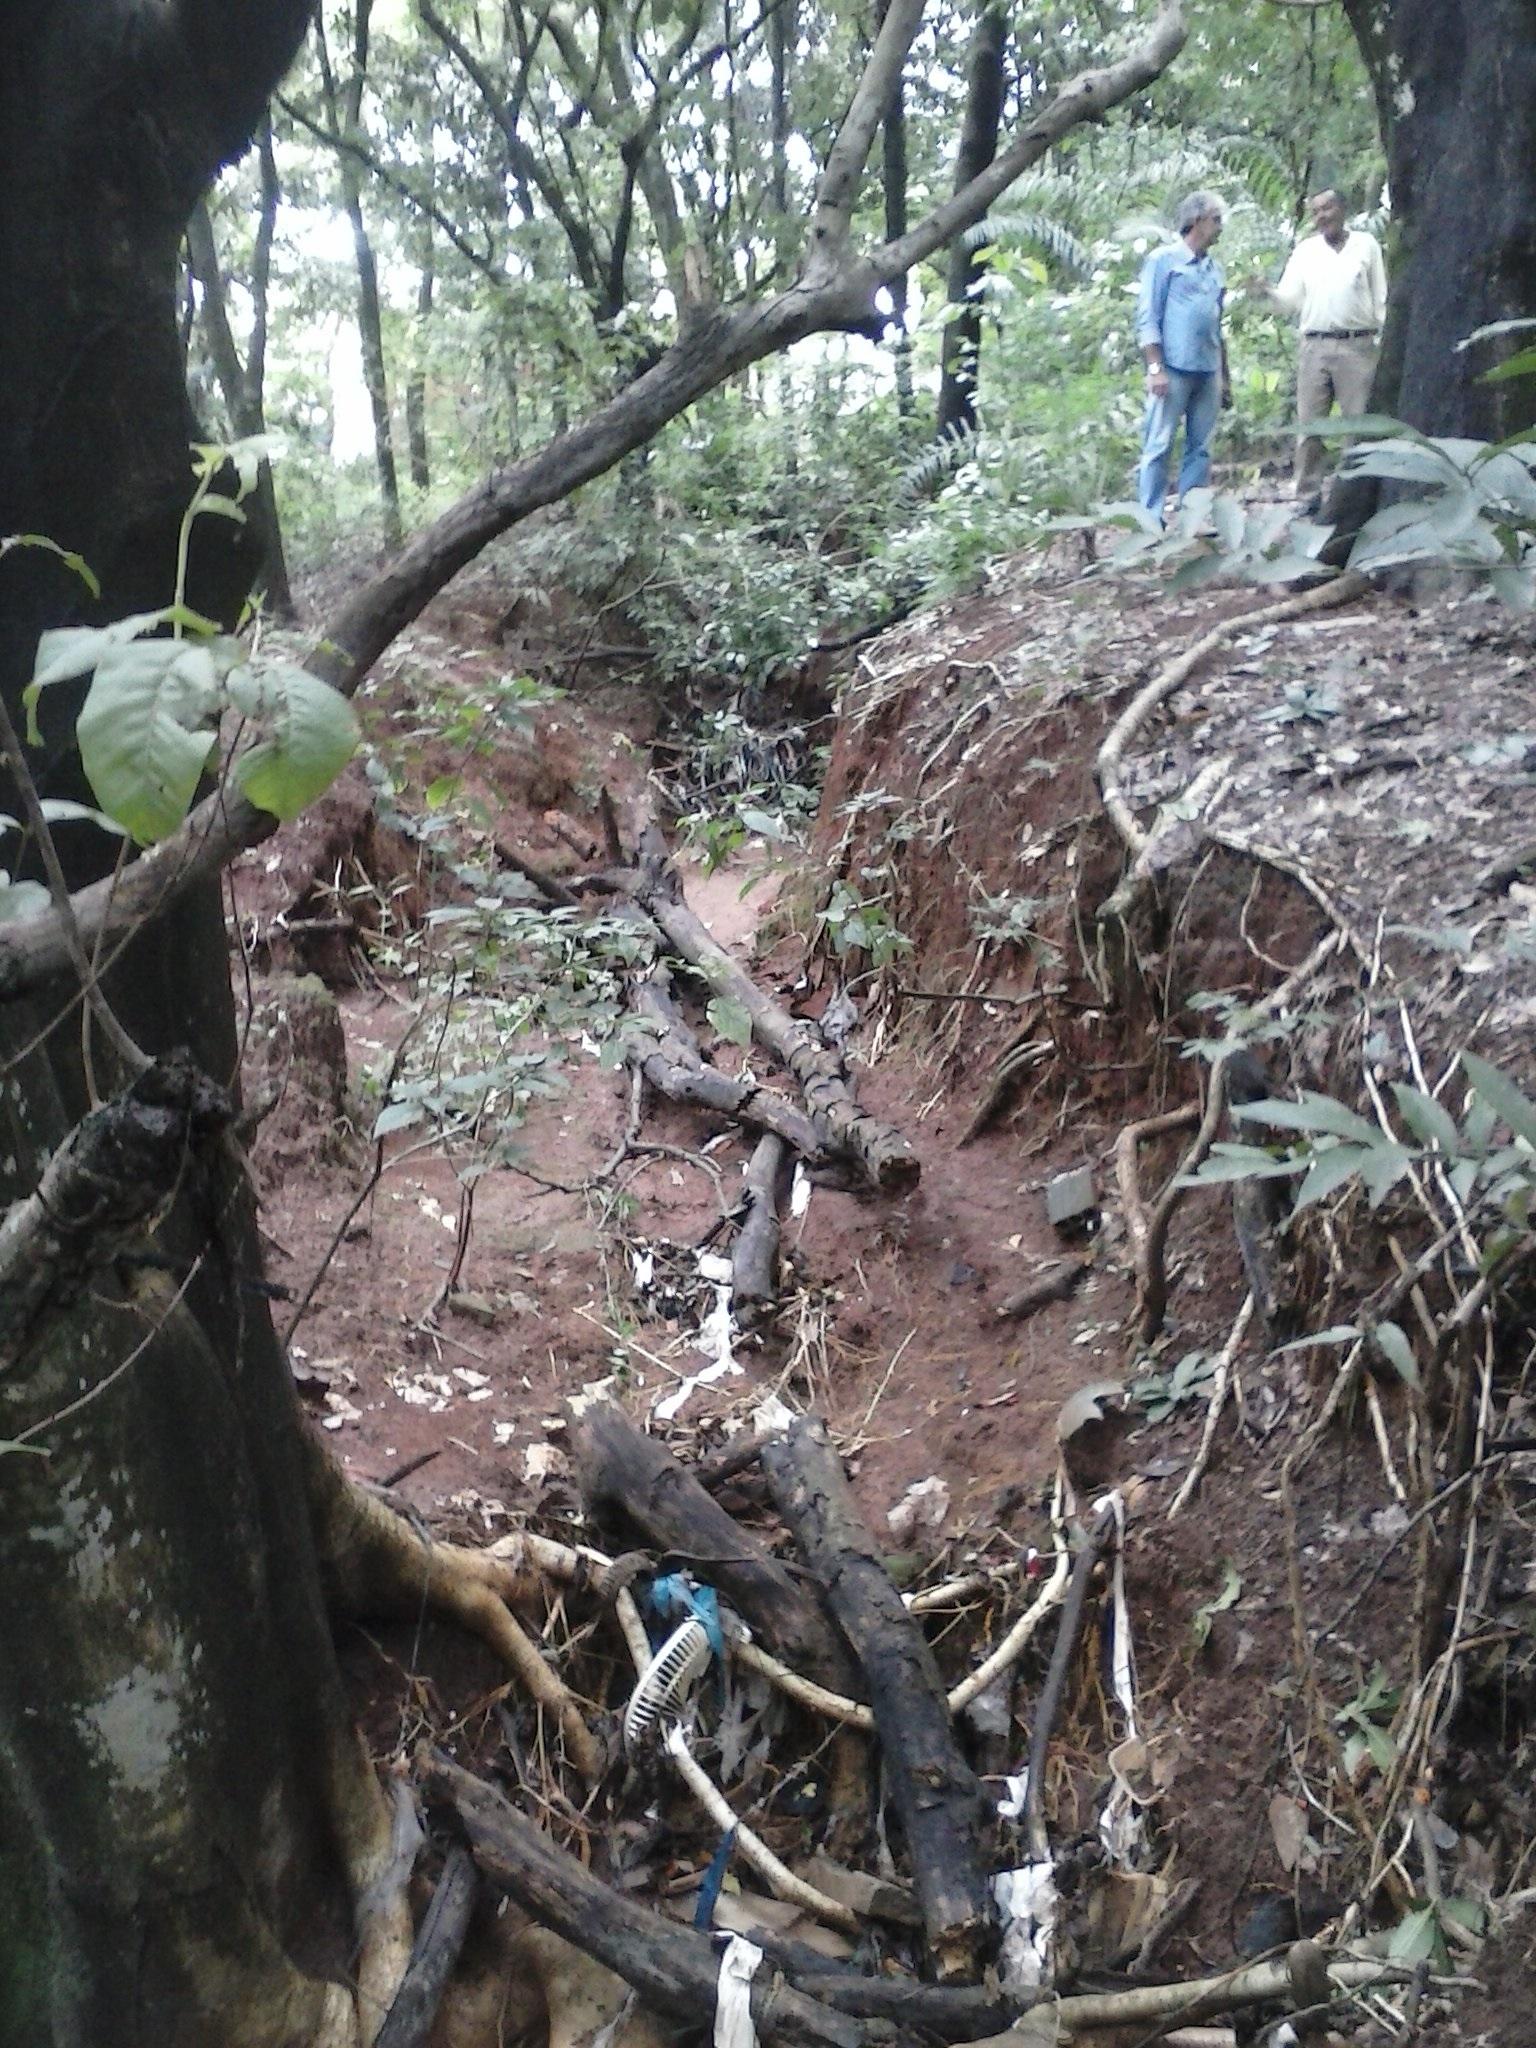 Amma verifica situação de erosão em parque ambiental no Conjunto Itatiaia